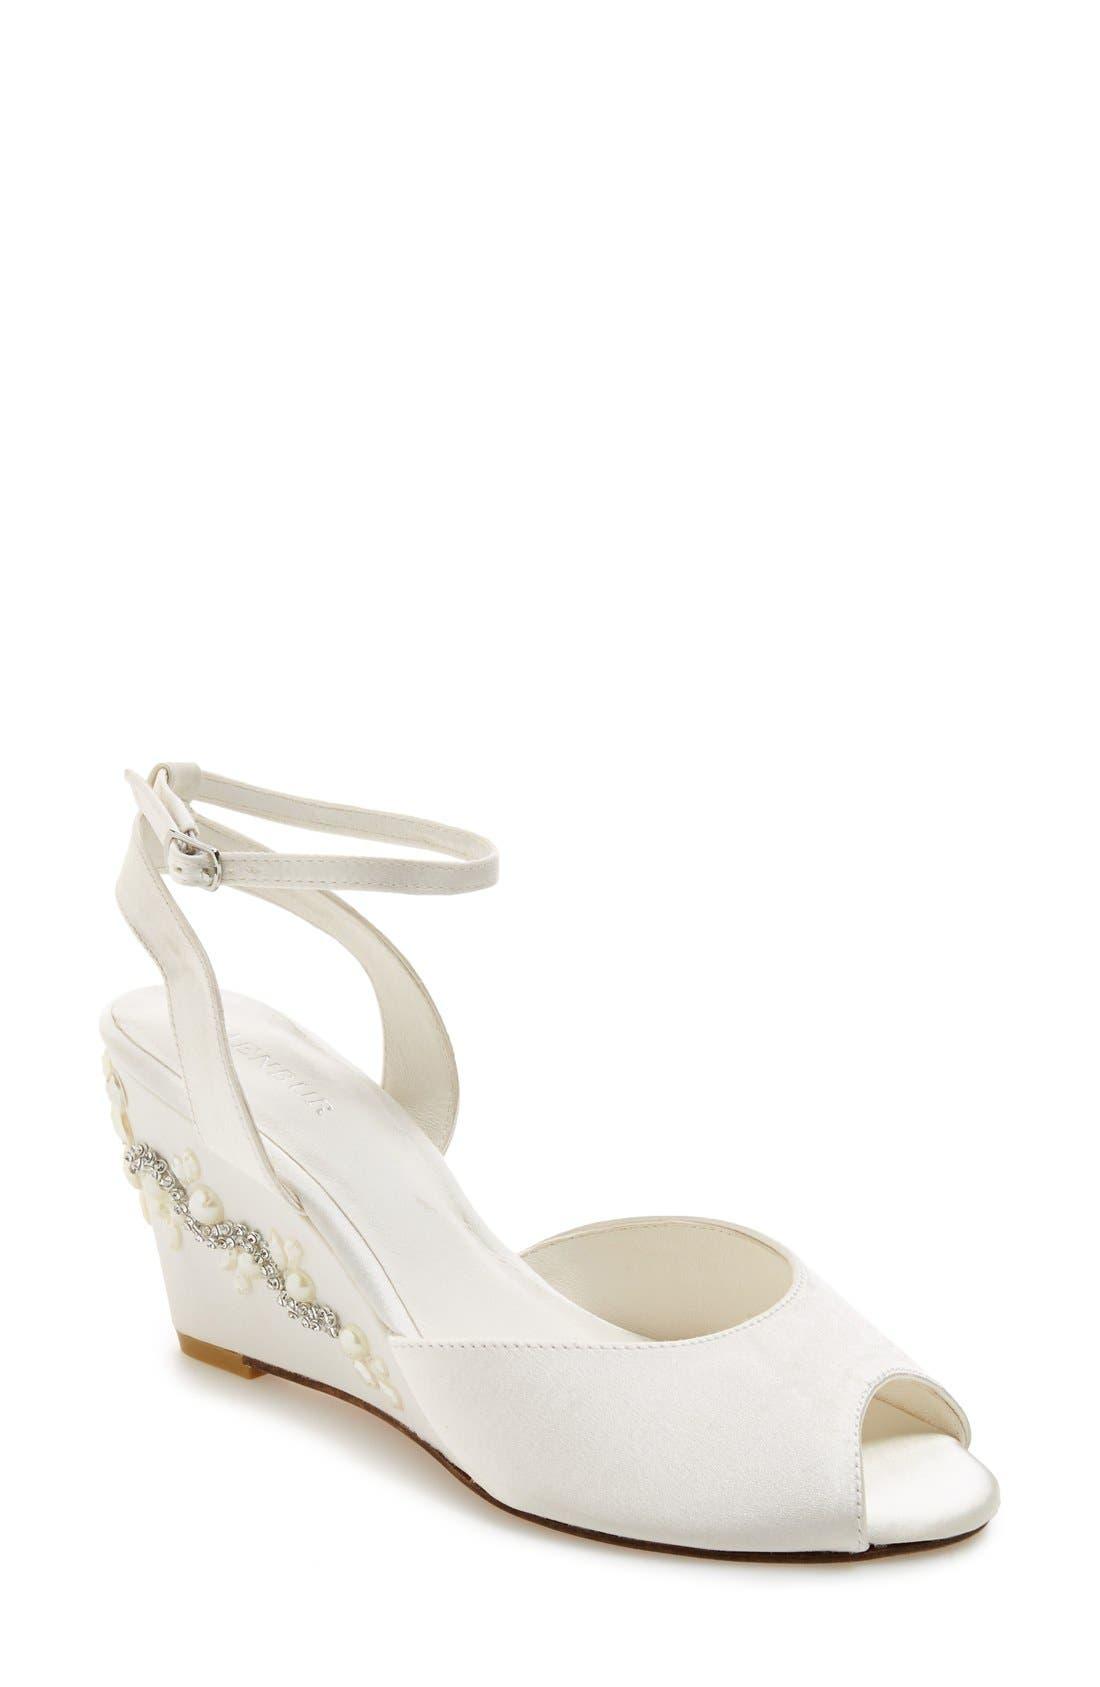 MENBUR 'Estela' Ornamented Satin Wedge Sandal